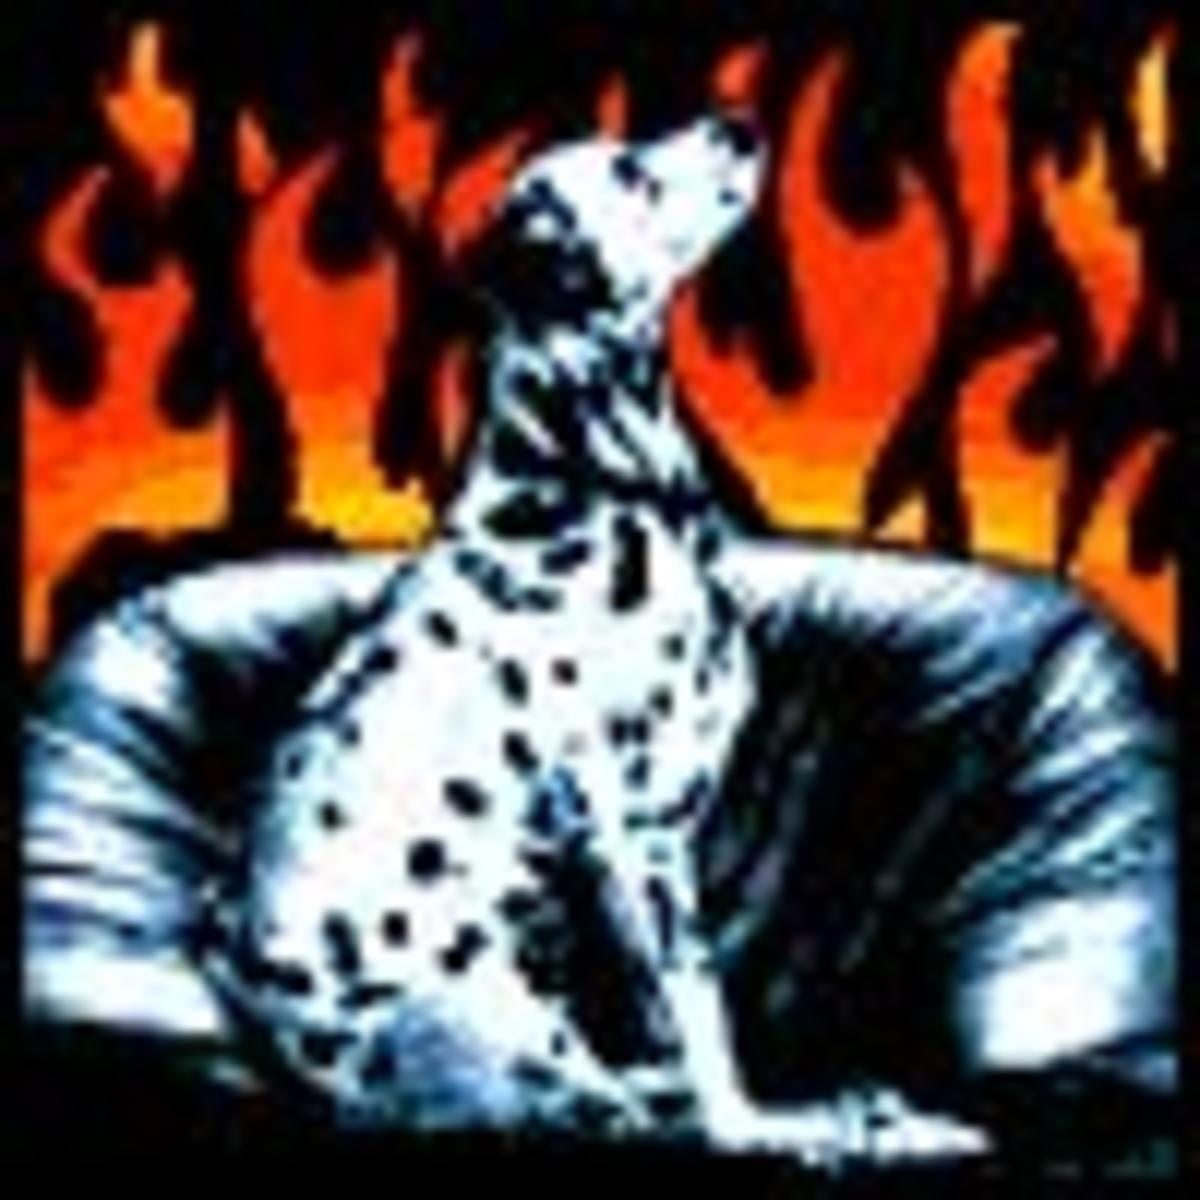 THE FIRE DOG / c. firedog